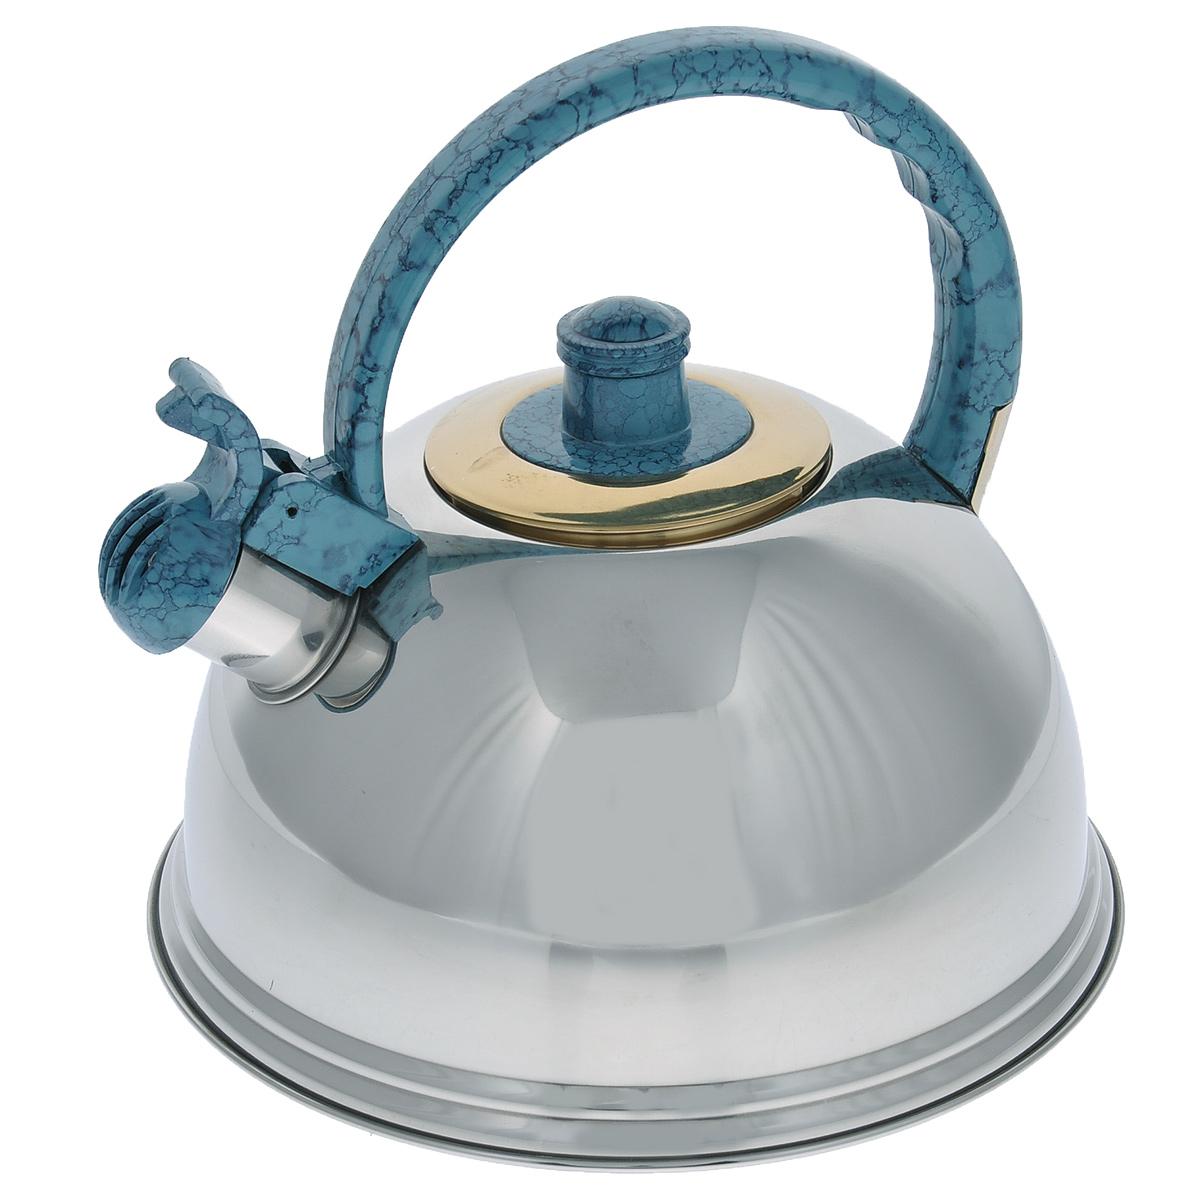 Чайник Mayer & Boch, со свистком, цвет: голубой, 2,7 л. 2359423594Чайник Mayer & Boch выполнен из нержавеющей стали высокой прочности с зеркальной полировкой. Чайник оснащен откидным свистком, который громко оповестит о закипании воды. Удобная эргономичная ручка и крышка выполнены из нейлона. Такой чайник идеально впишется в интерьер любой кухни и станет замечательным подарком к любому случаю. Подходит для всех типов плит, кроме индукционных. Можно мыть в посудомоечной машине.Диаметр чайника по верхнему краю: 8,5 см.Высота чайника (с учетом ручки): 21 см.